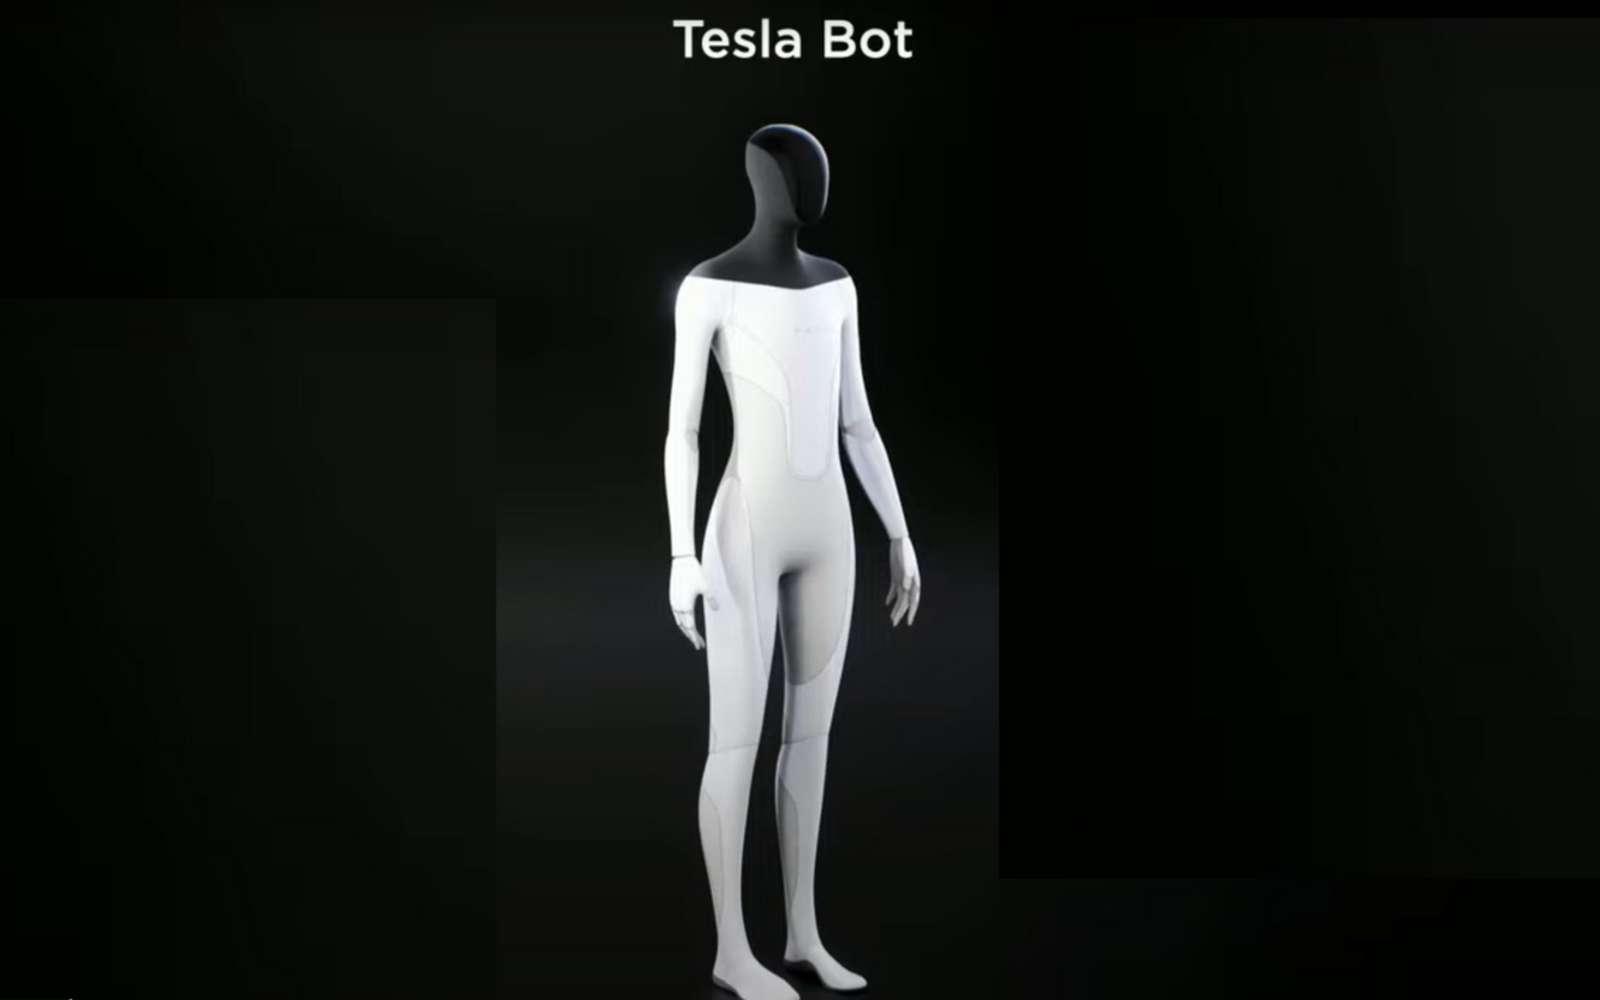 Le robot humanoïde ferait une taille moyenne humaine et pourrait transporter des charges de plus de vingt kilos. © Tesla